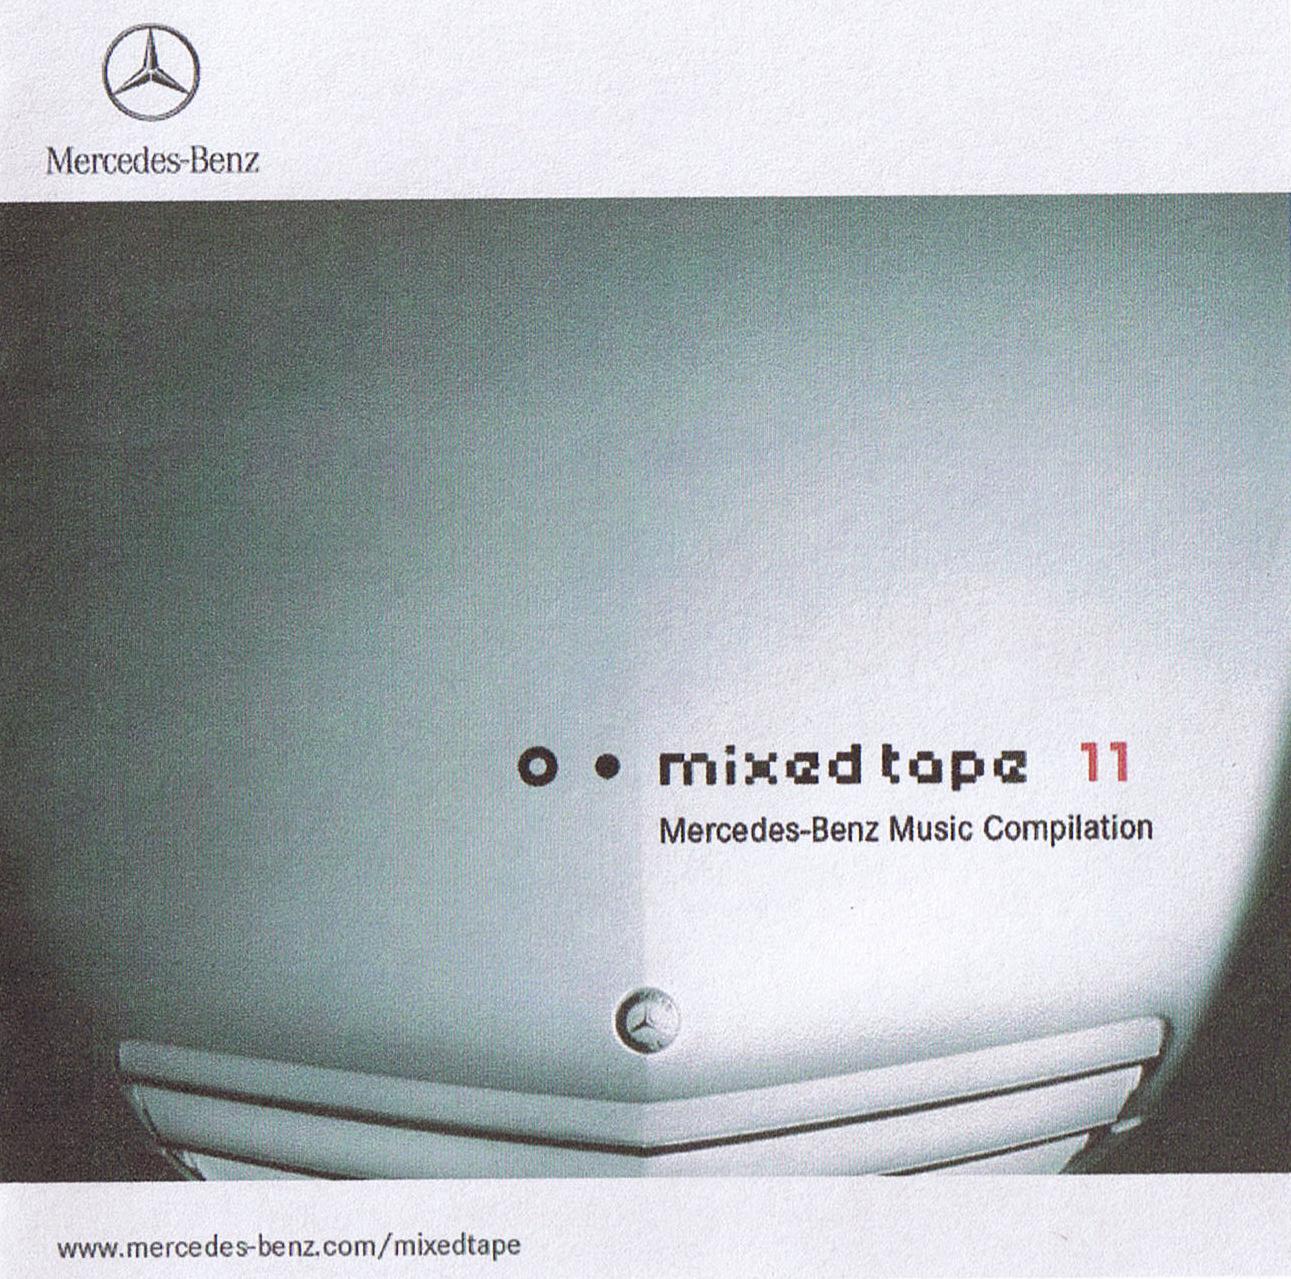 Mercedes-Benz Mixed Tape 11 (Official Mixtape) | Music Hub | FANDOM